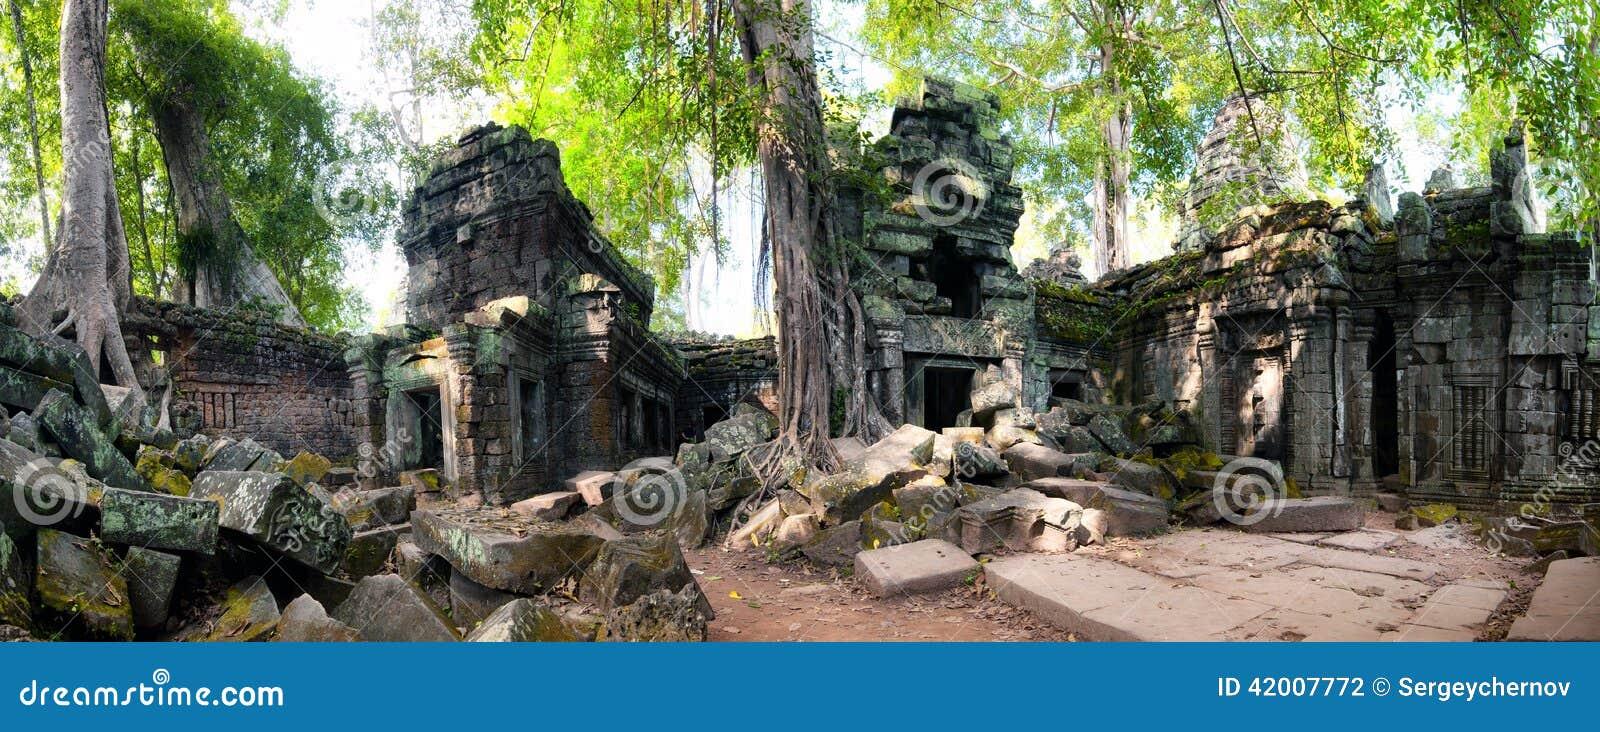 Angkor Wat Cambodia Templo budista antigo do Khmer do baile de finalistas de Ta